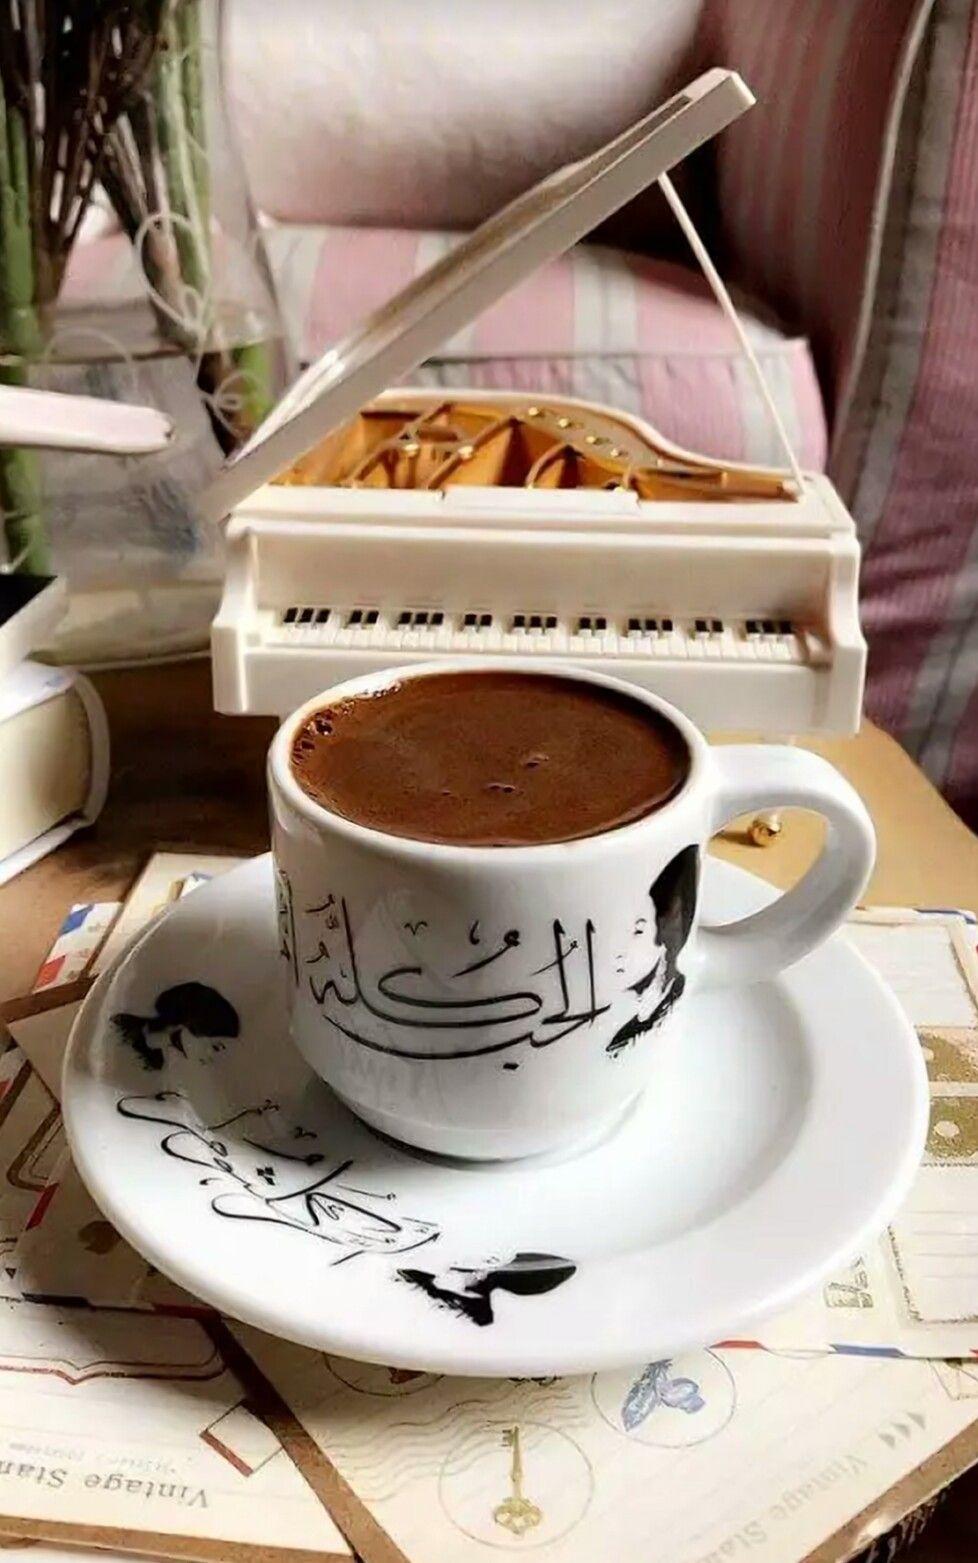 مساء الخير Café com amor, Grãos de café, Chocolate quente